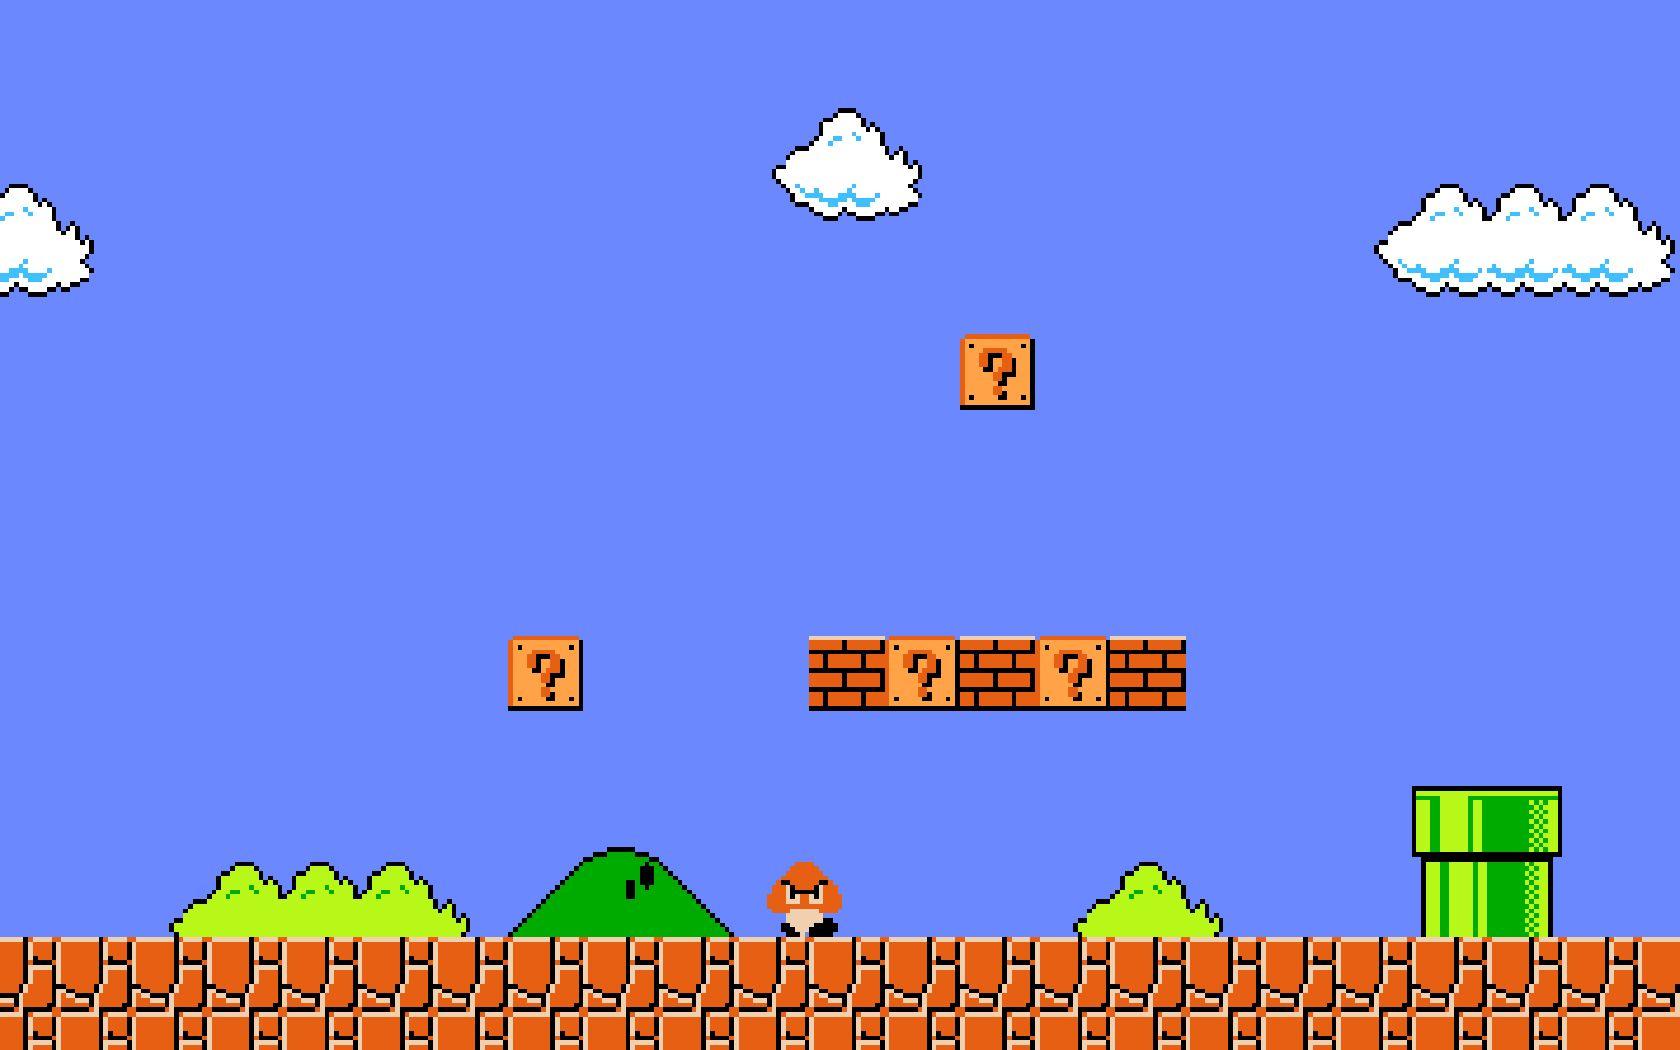 Super Mario Bros background | Mario Bros Project | Pinterest | Mario ...